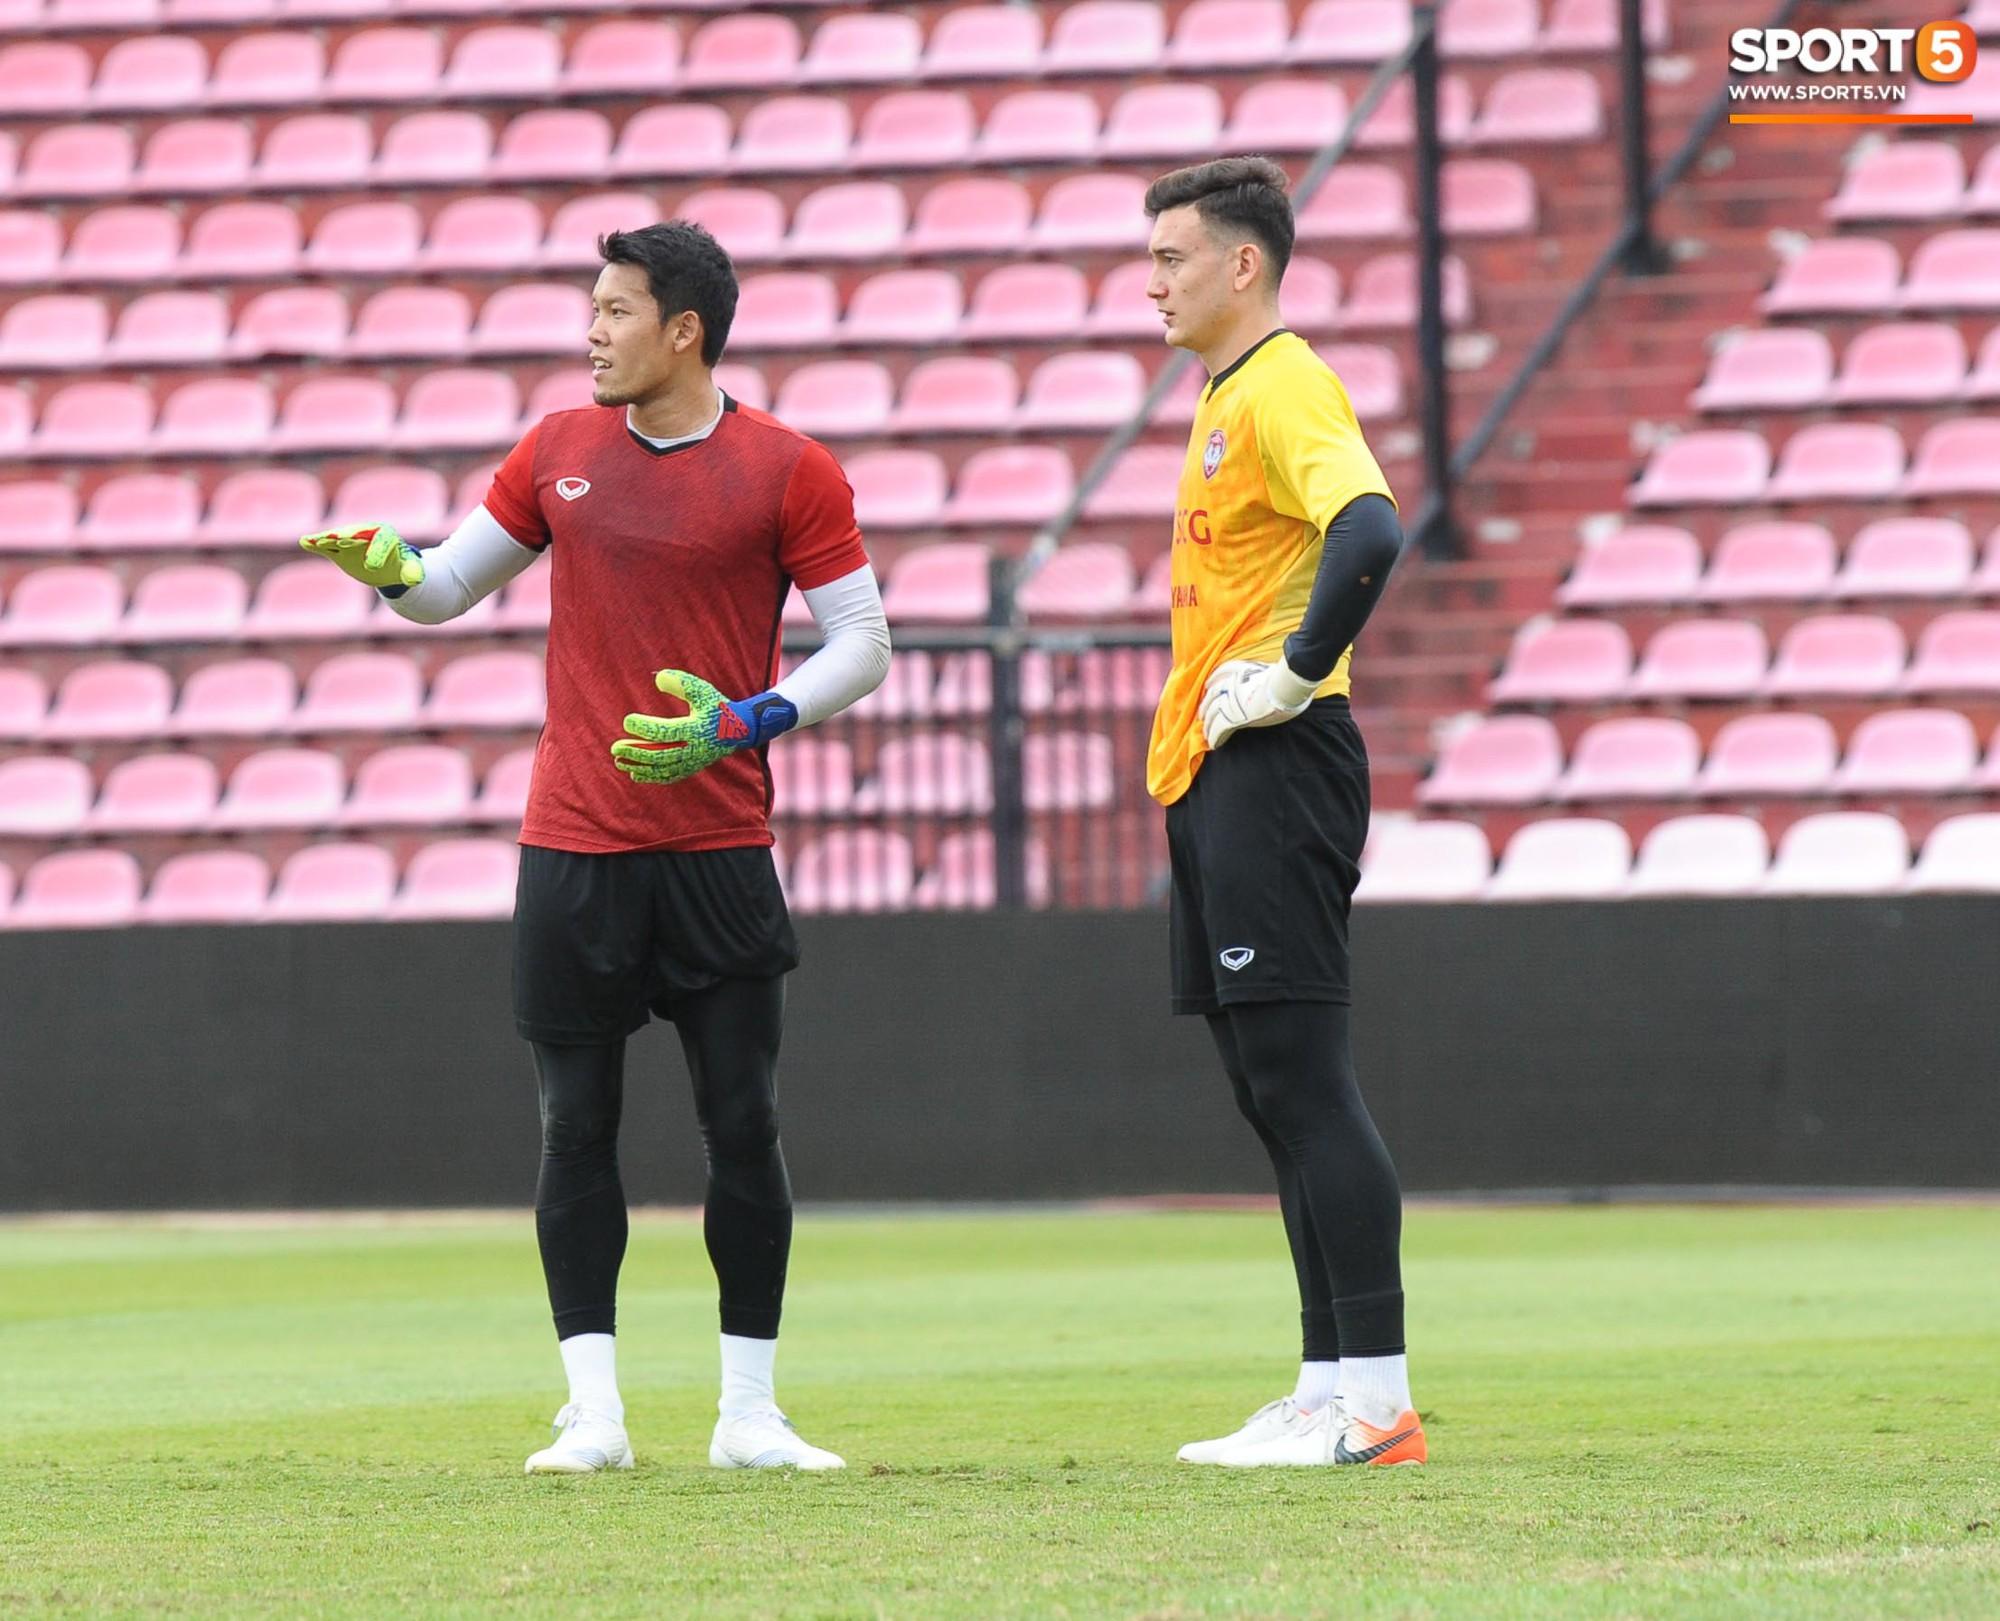 Đặng Văn Lâm tiết lộ đã thăm dò kỹ 2 tiền đạo Thái Lan, sẵn sàng gieo sầu cho chủ nhà tại Kings Cup 2019 - Ảnh 6.